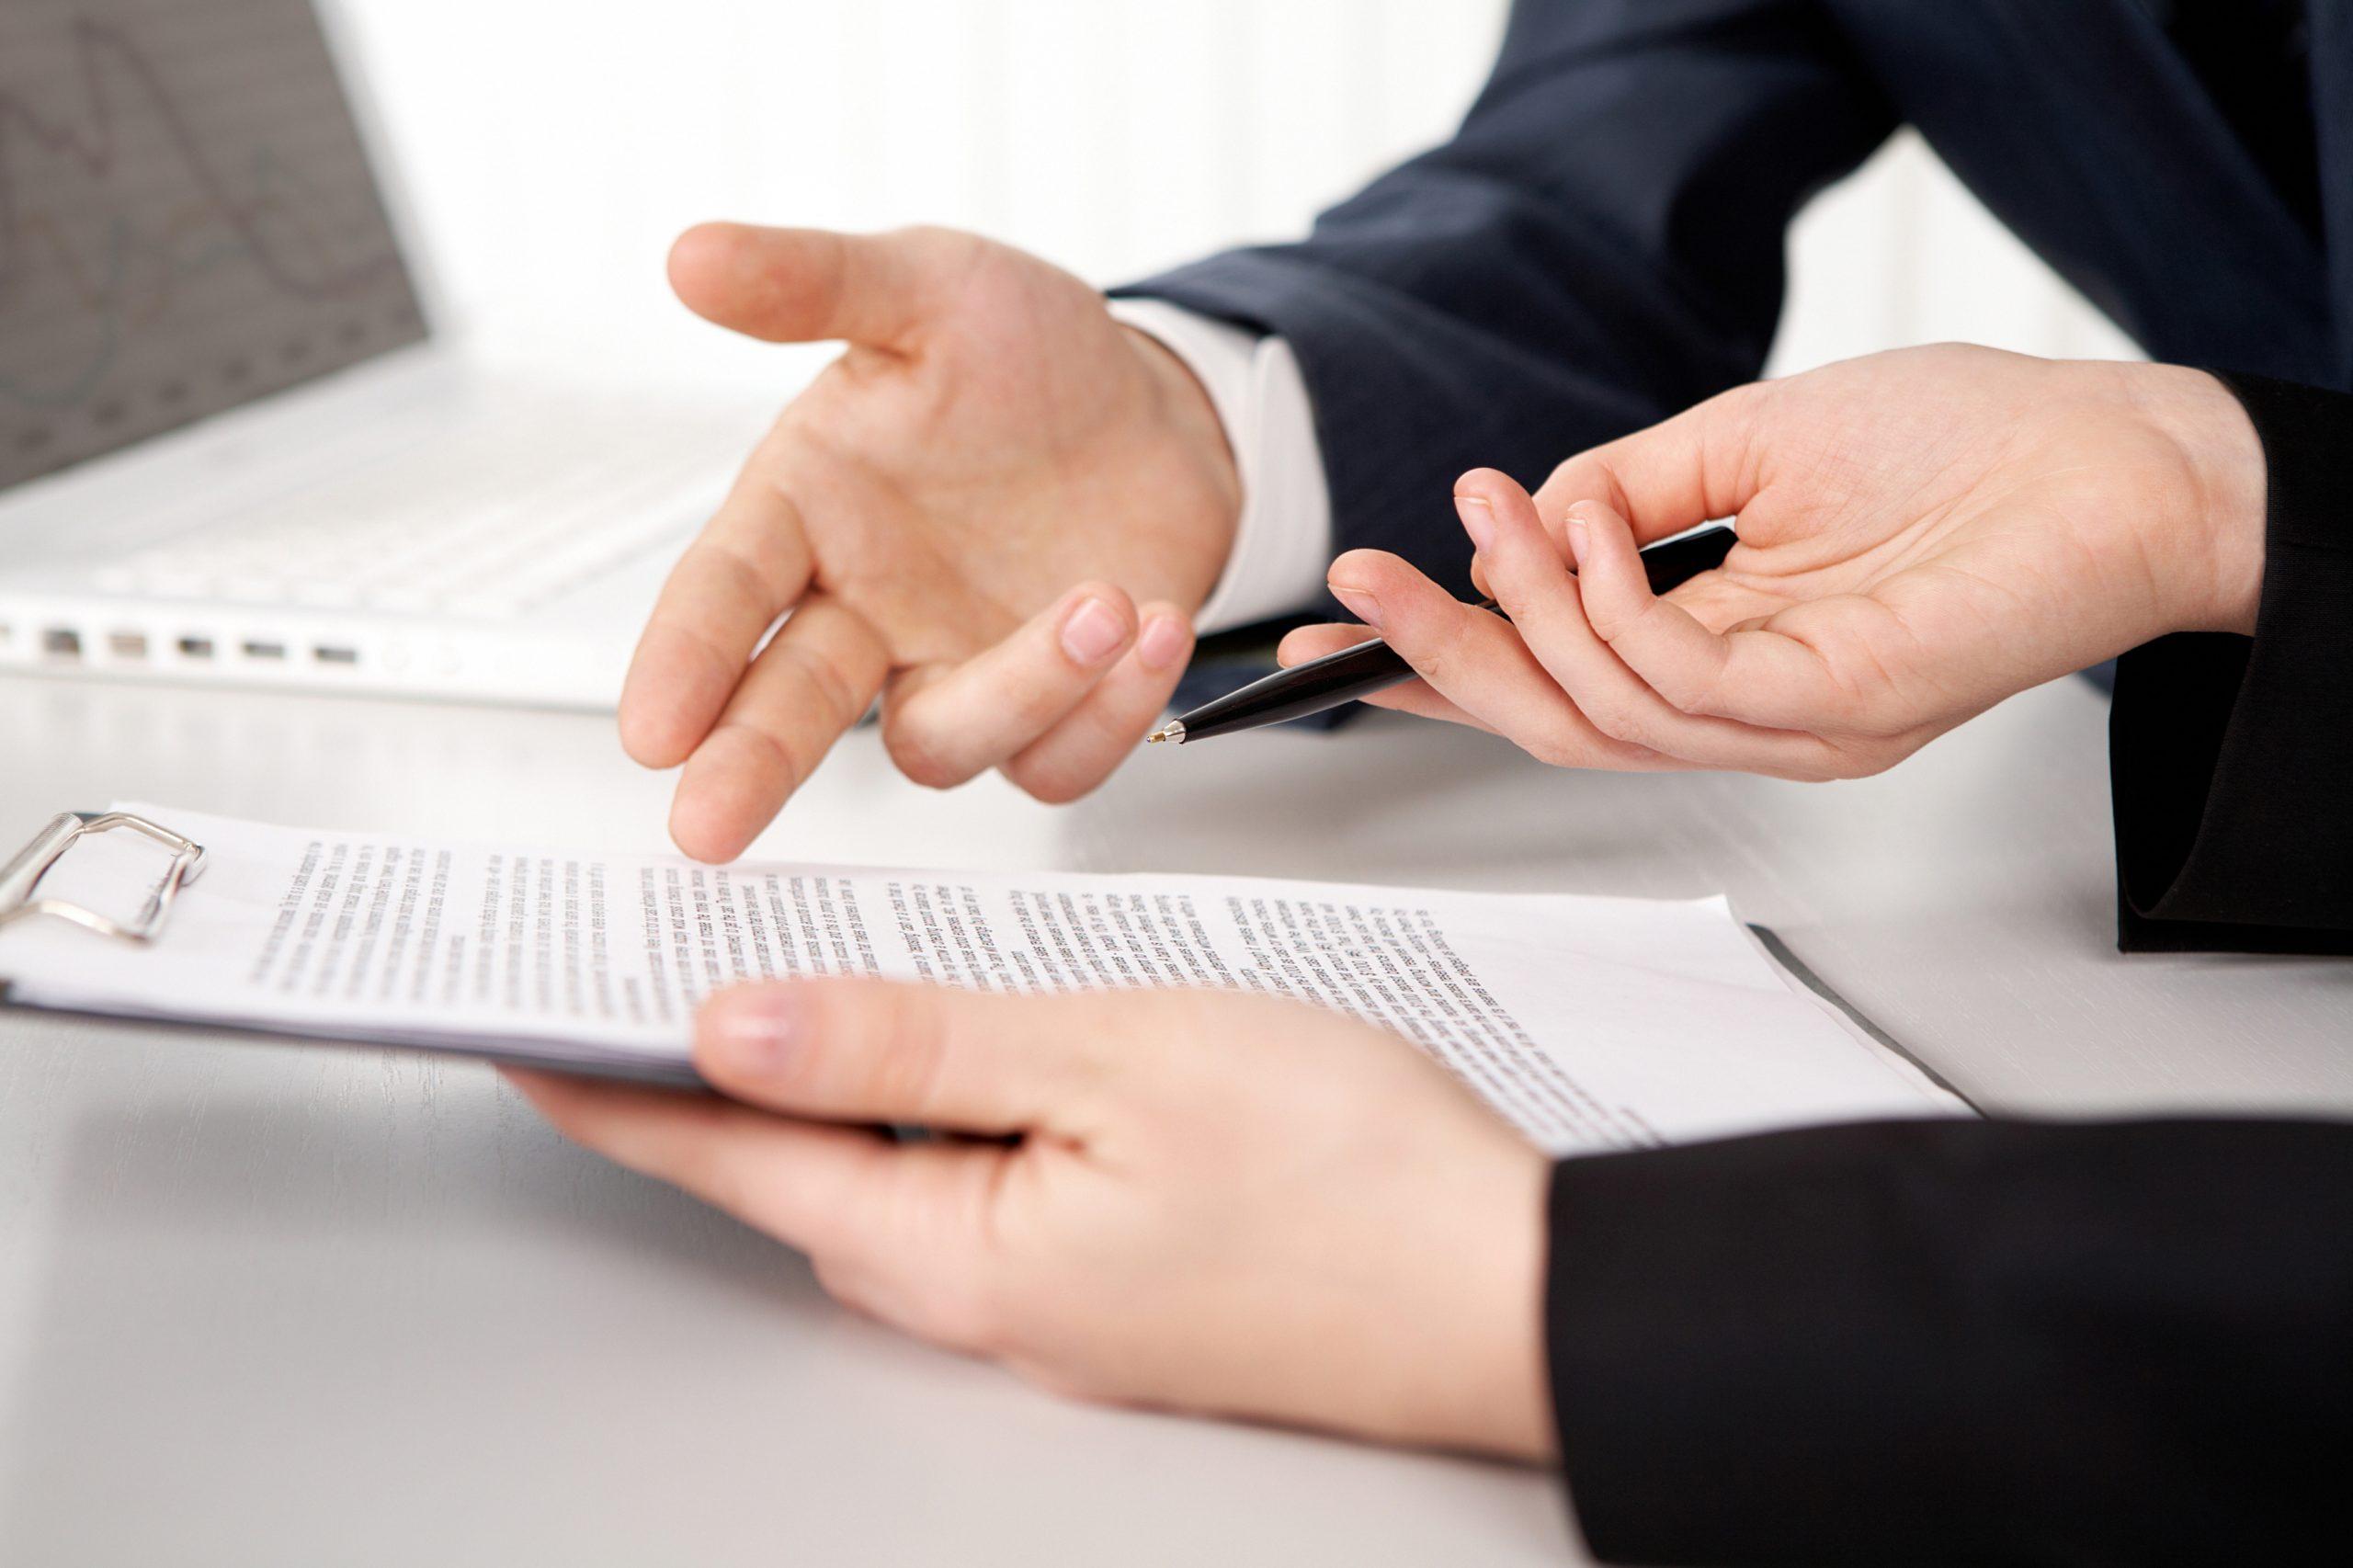 До якого контролюючого органу платнику податків необхідно звернутися із заявою про розстрочення (відстрочення) грошового зобов'язання та/або податкового боргу?